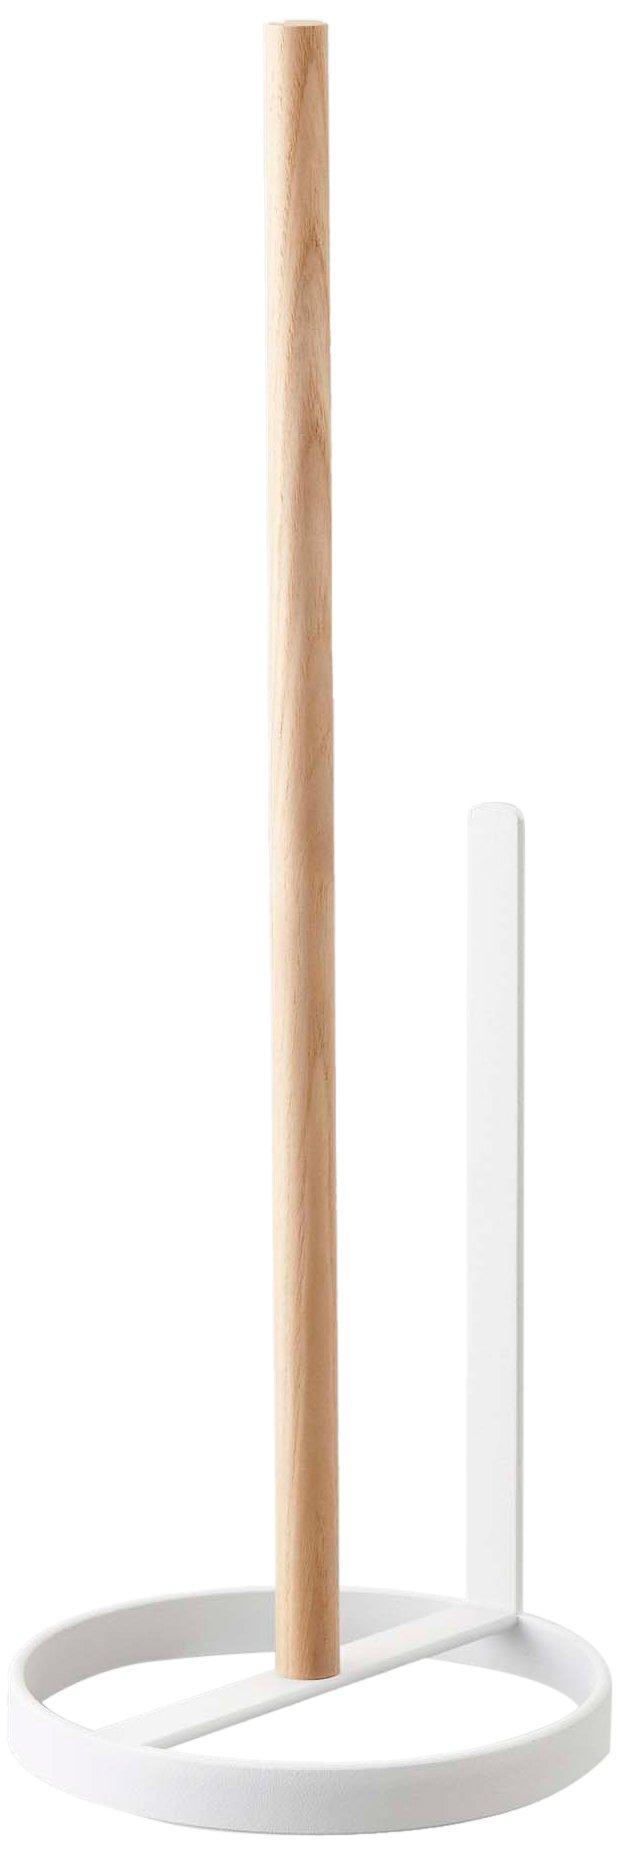 YAMAZAKI home 2346 Toilet Paper Stand, White